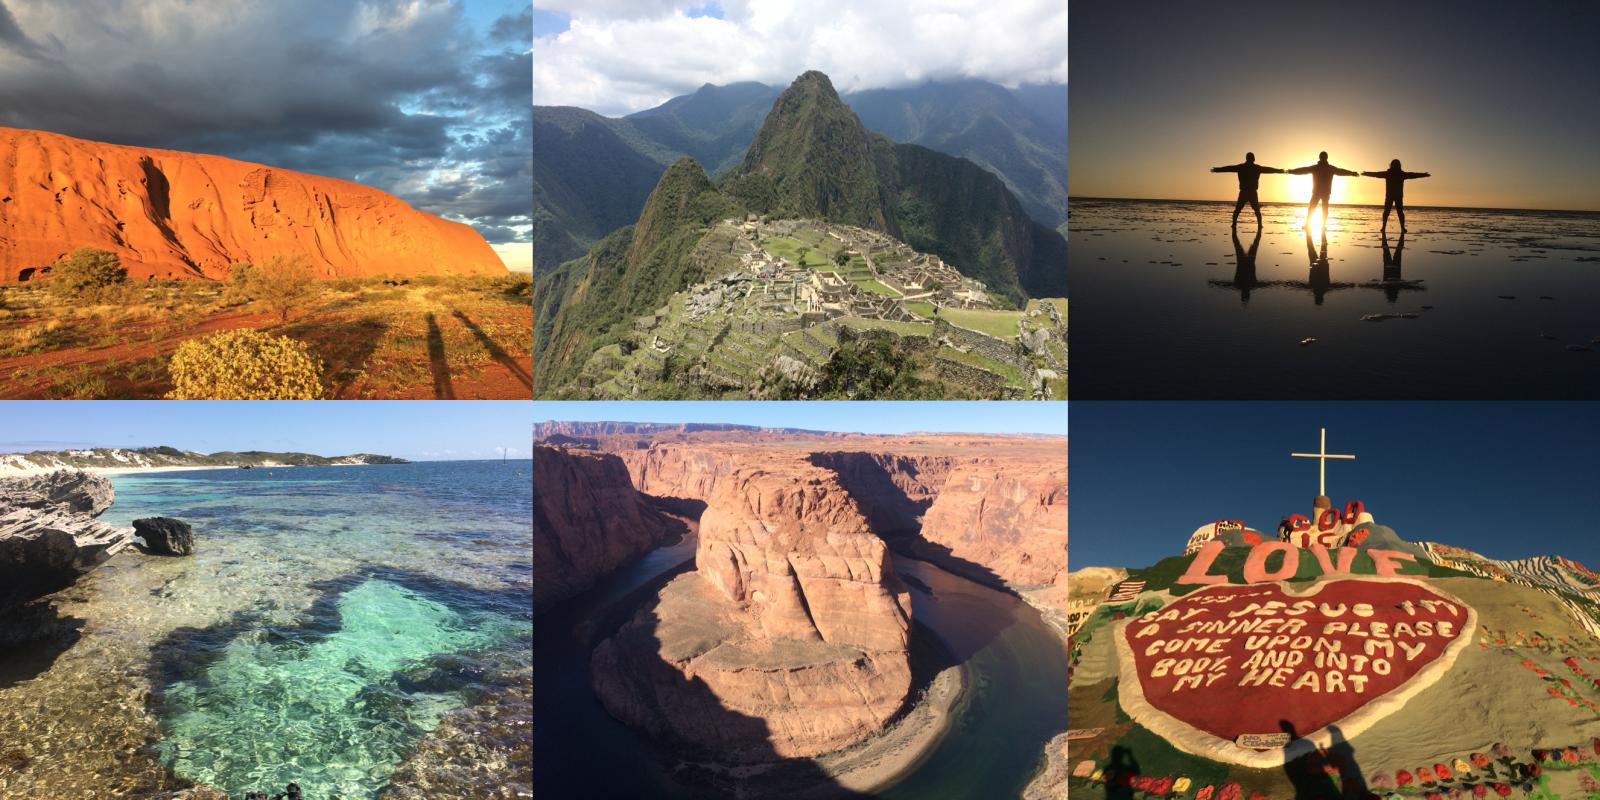 はら旅ブログ | 旅するように自由に生きる